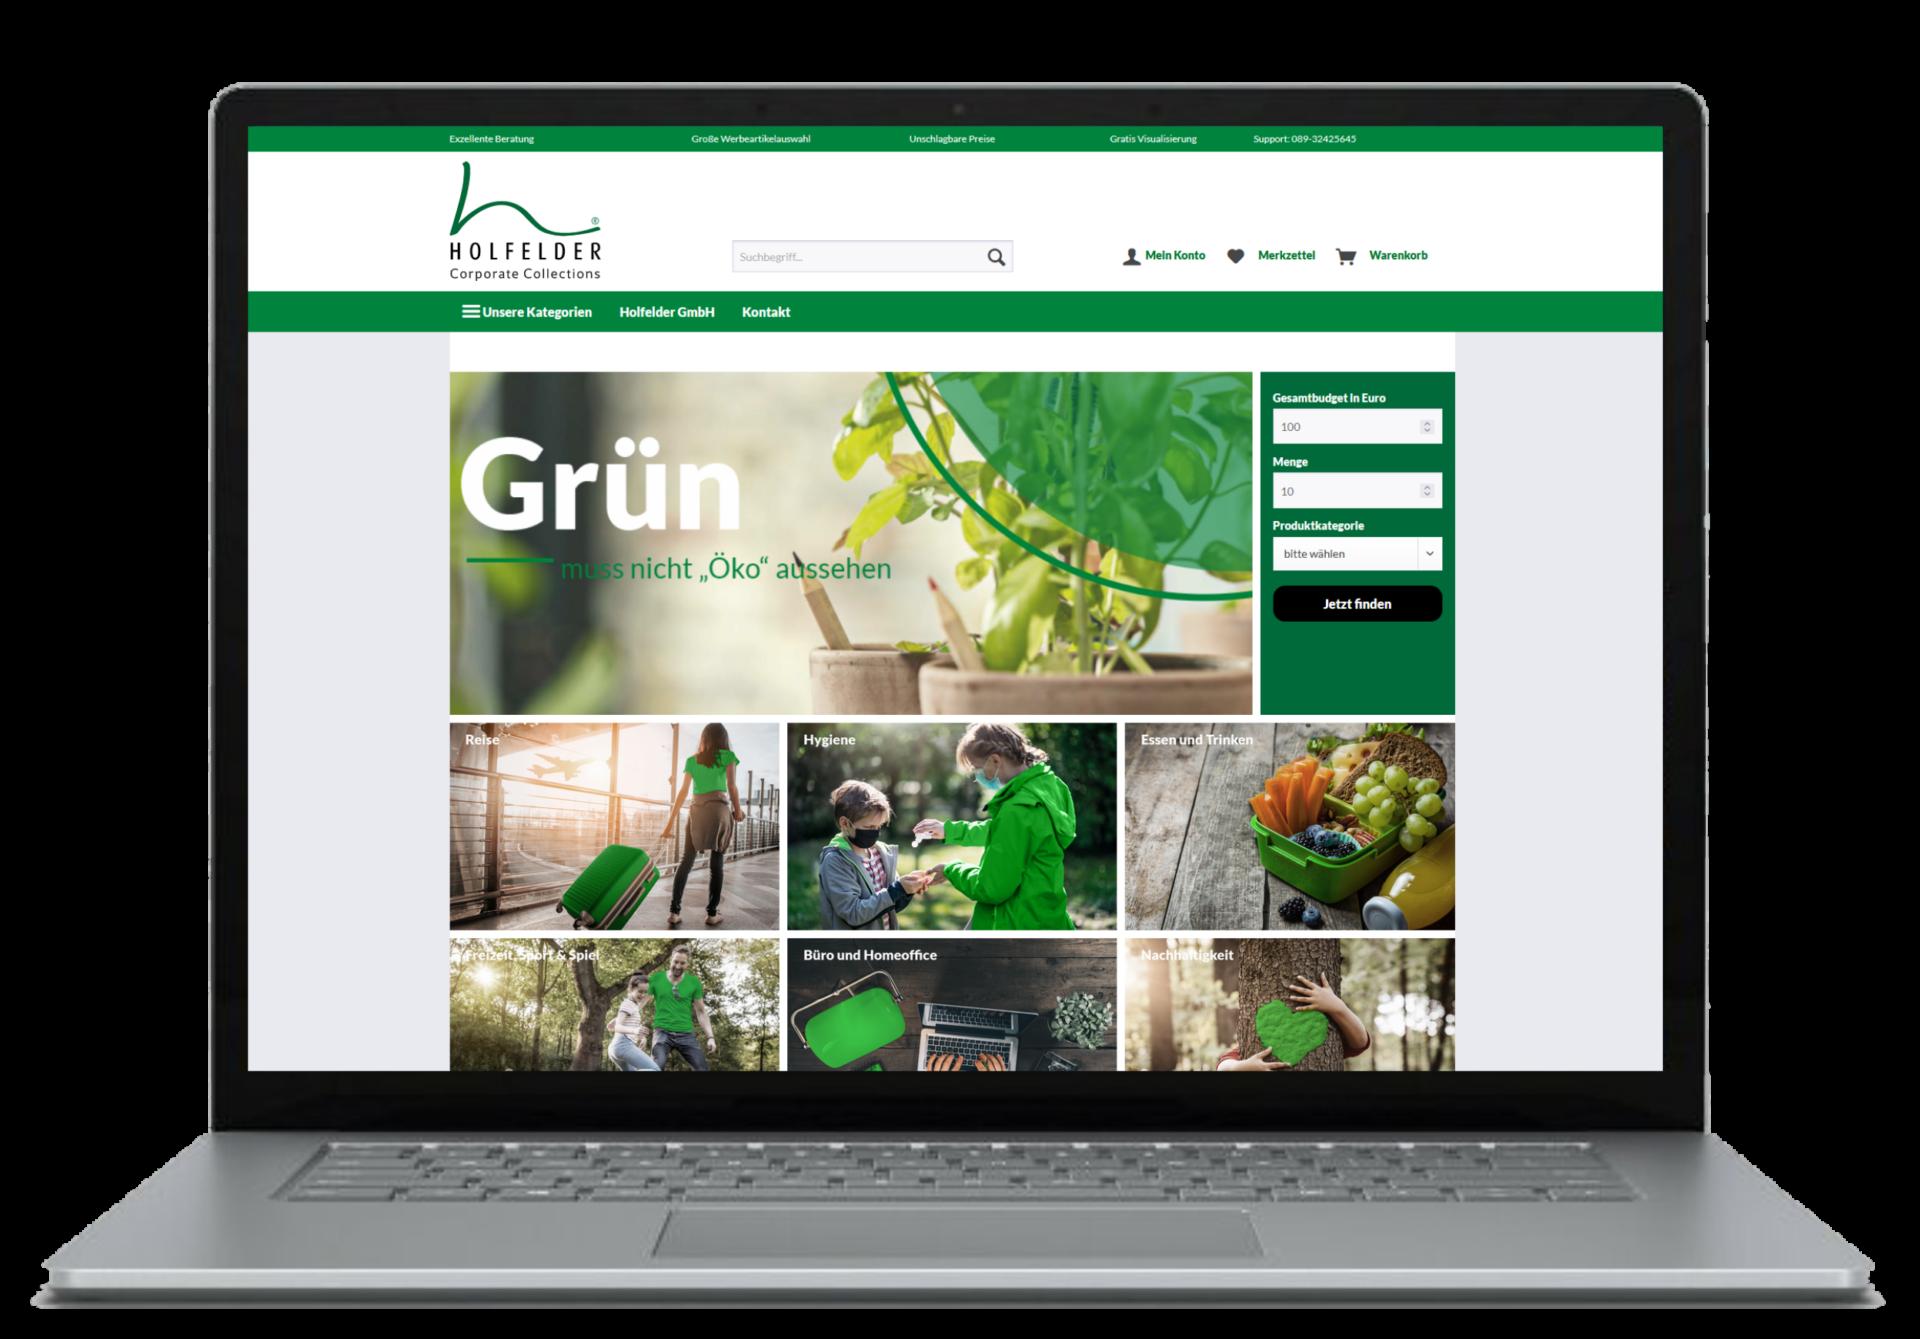 offener Laptop mit Holfelder Werbemittelshop geöffnet im Browser